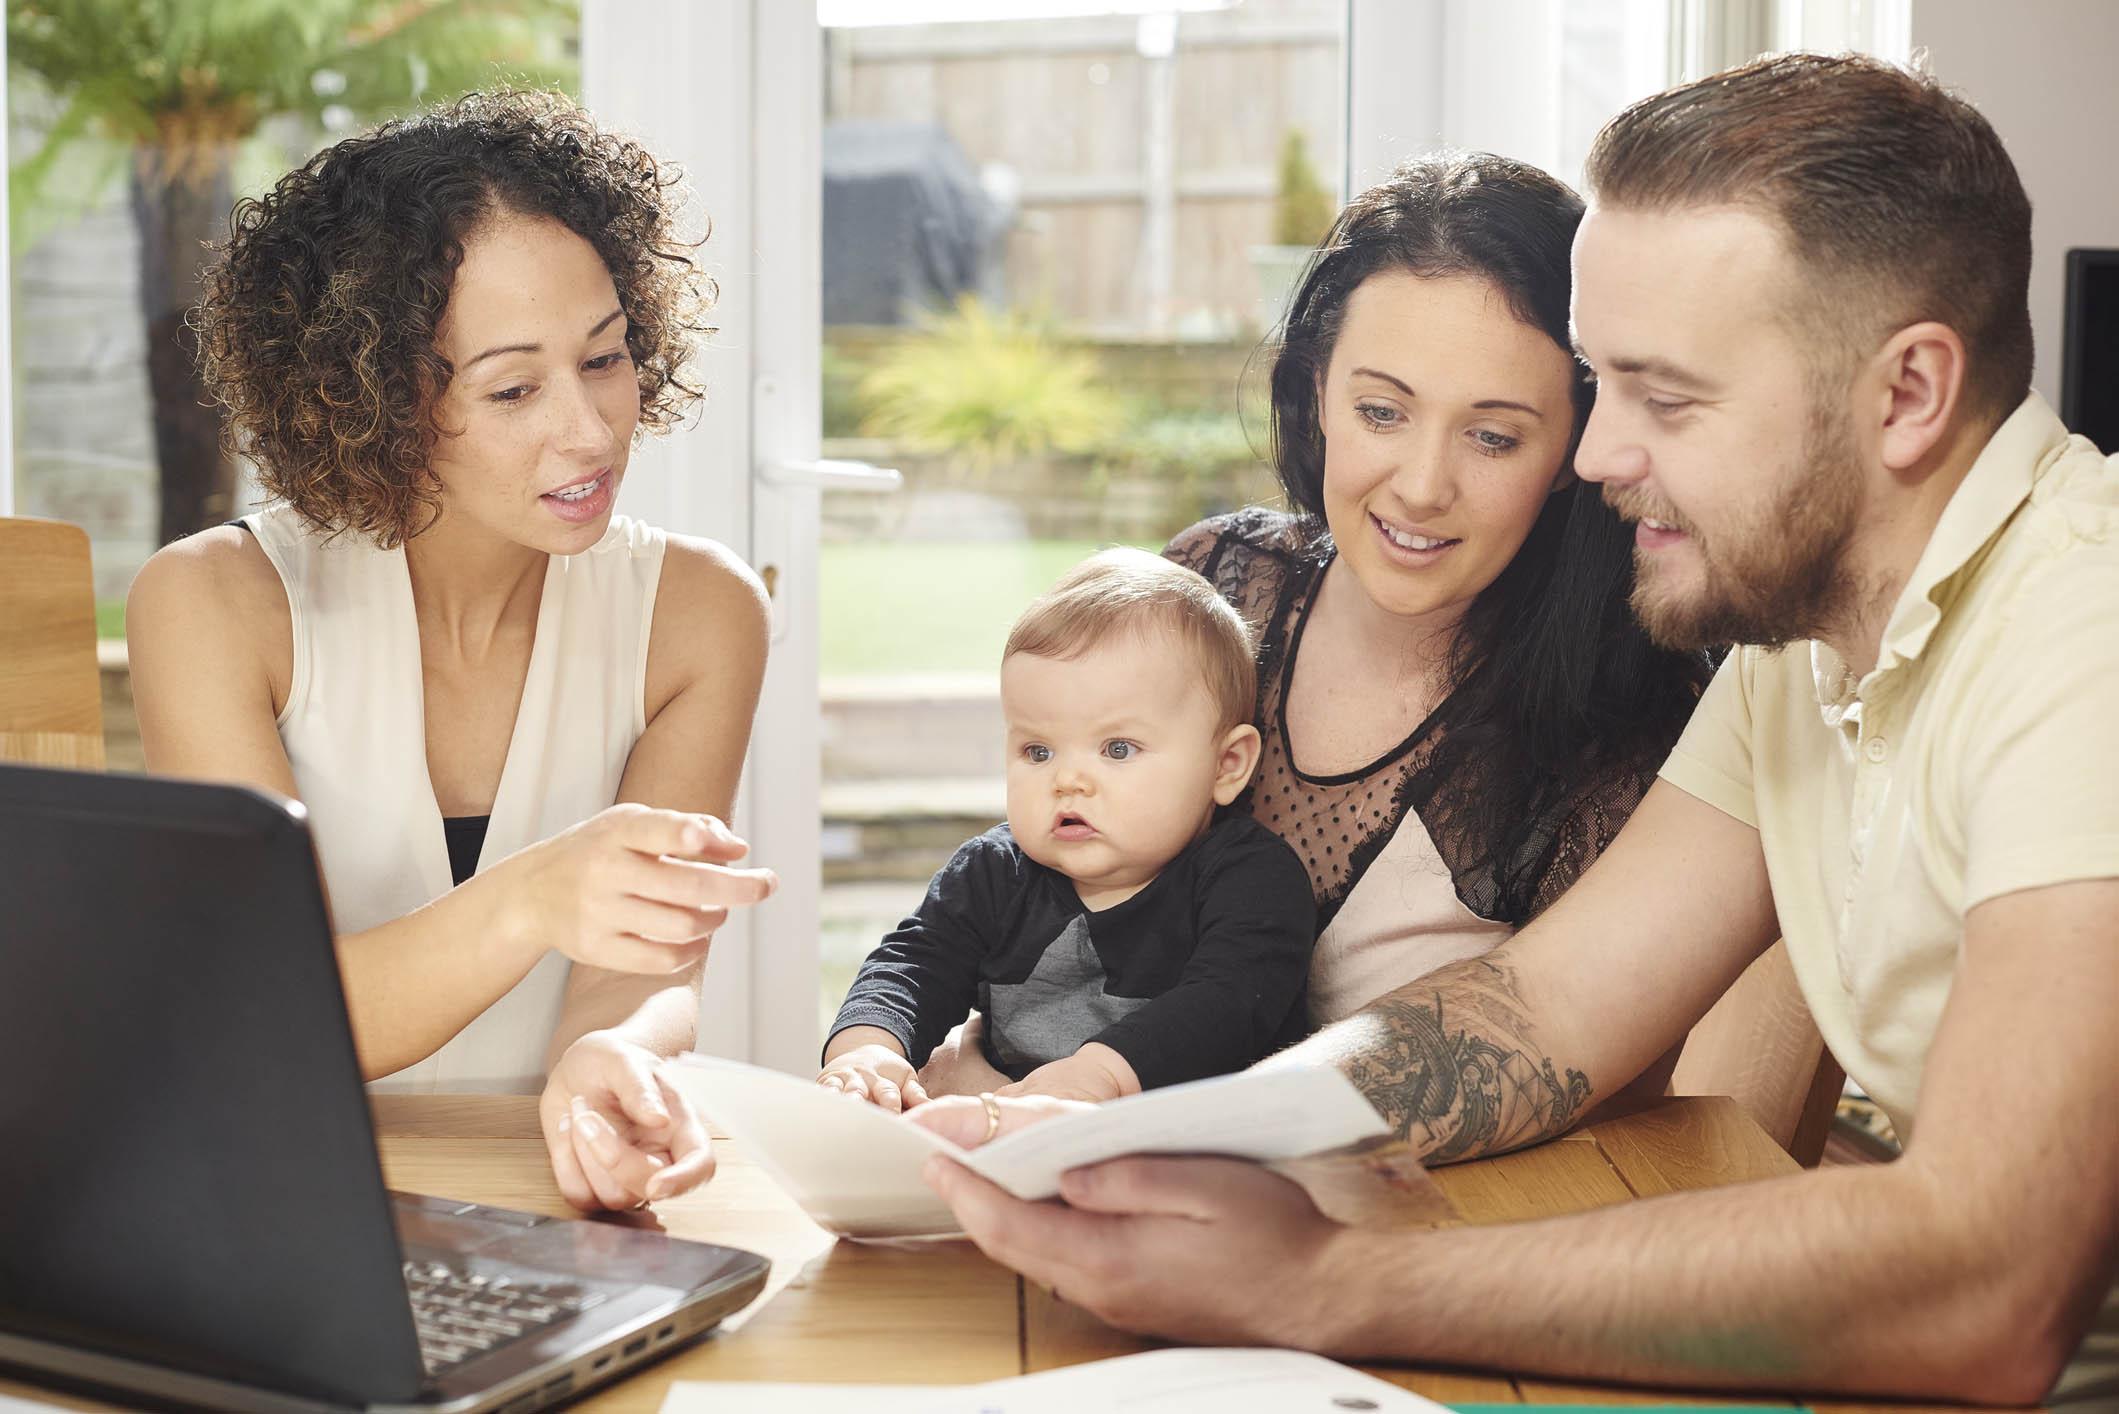 mortgage advisor explaining the small print.